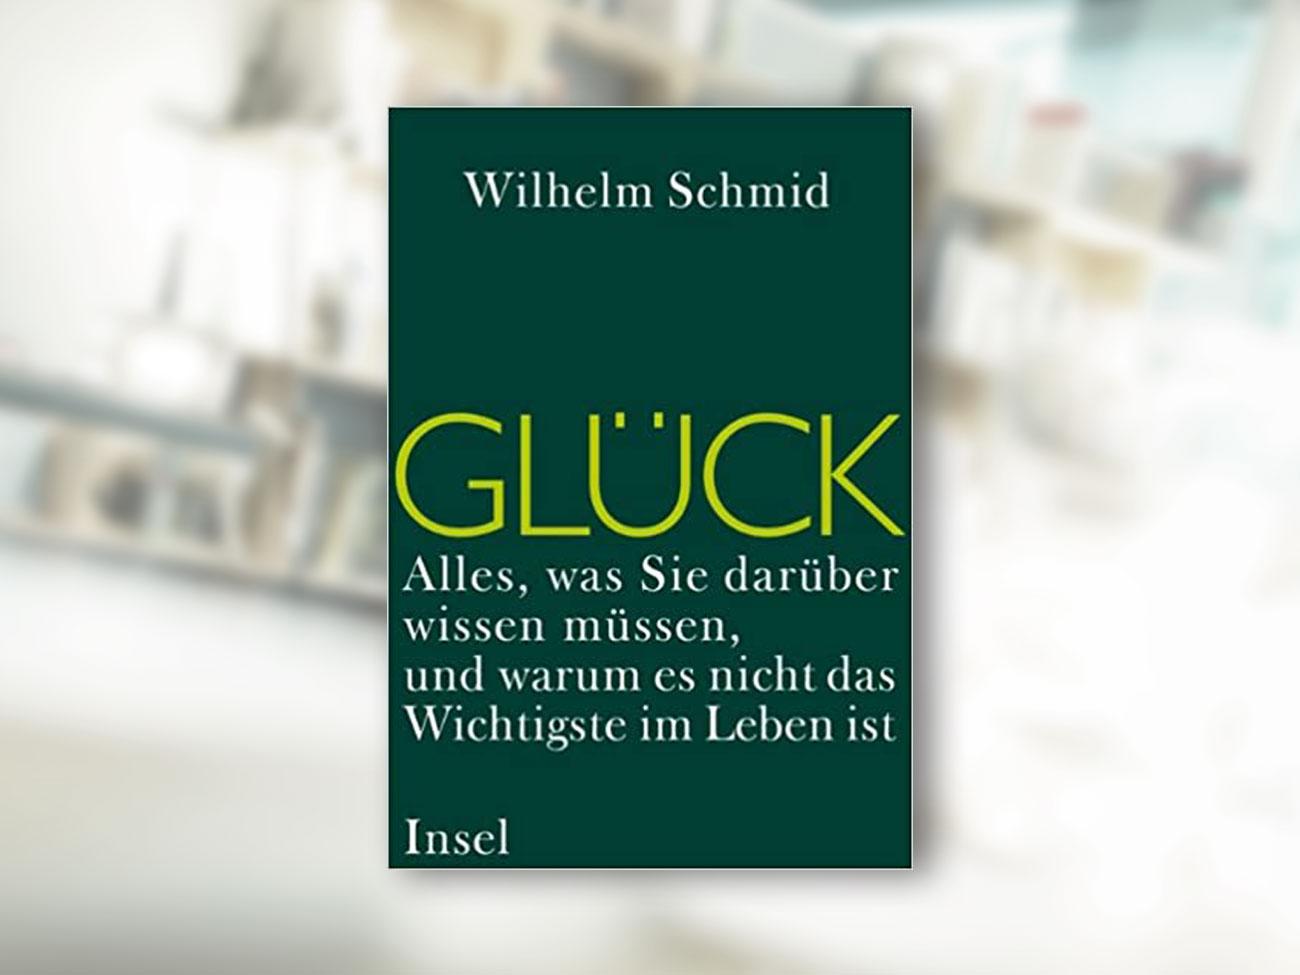 Wilhelm Schmid, Glück: Alles, was Sie darüber wissen müssen, und warum es nicht das Wichtigste im Leben ist